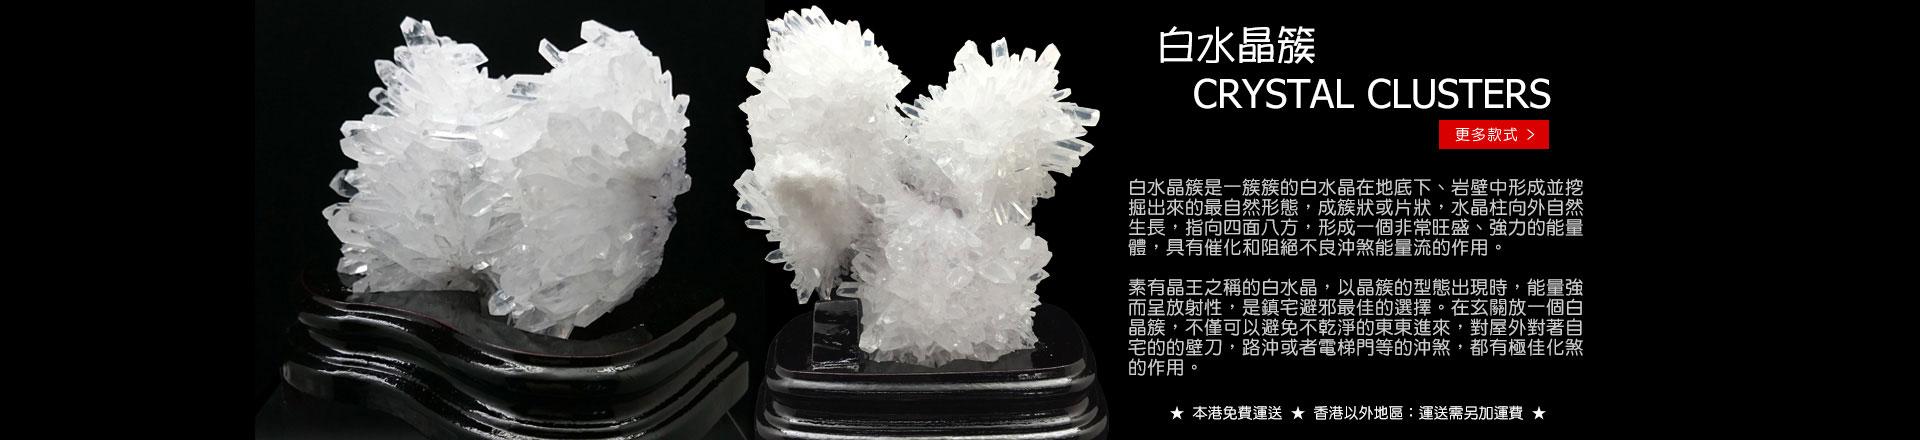 6 白晶簇 Crystal Cluster